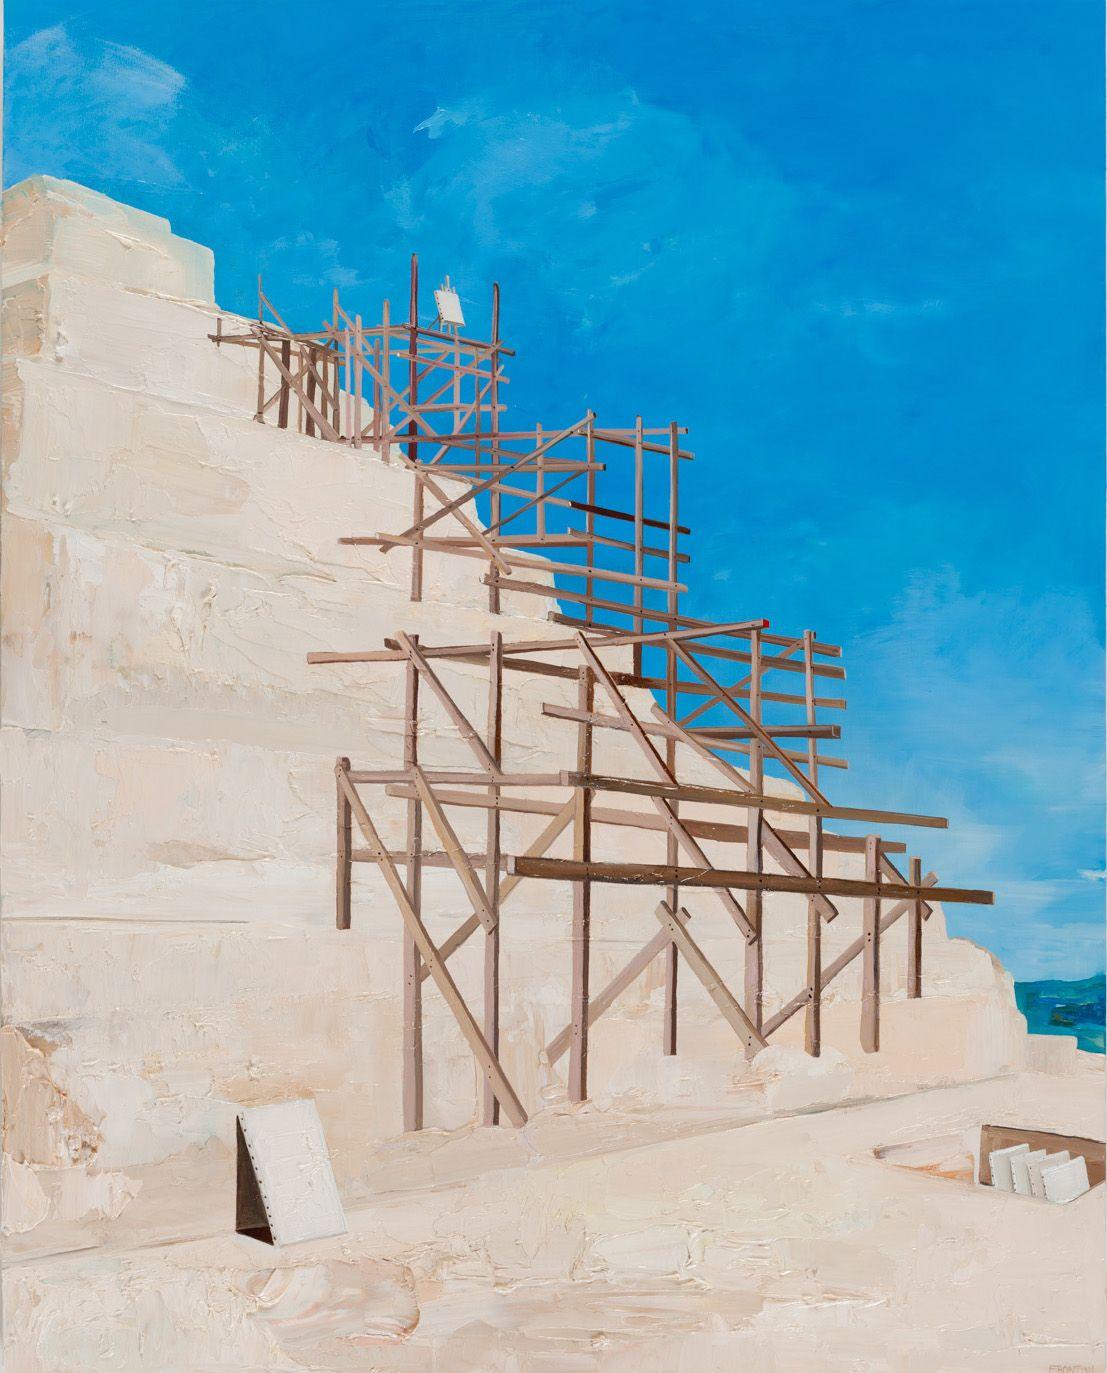 Proposal for Painting Exhibition at Saqqara